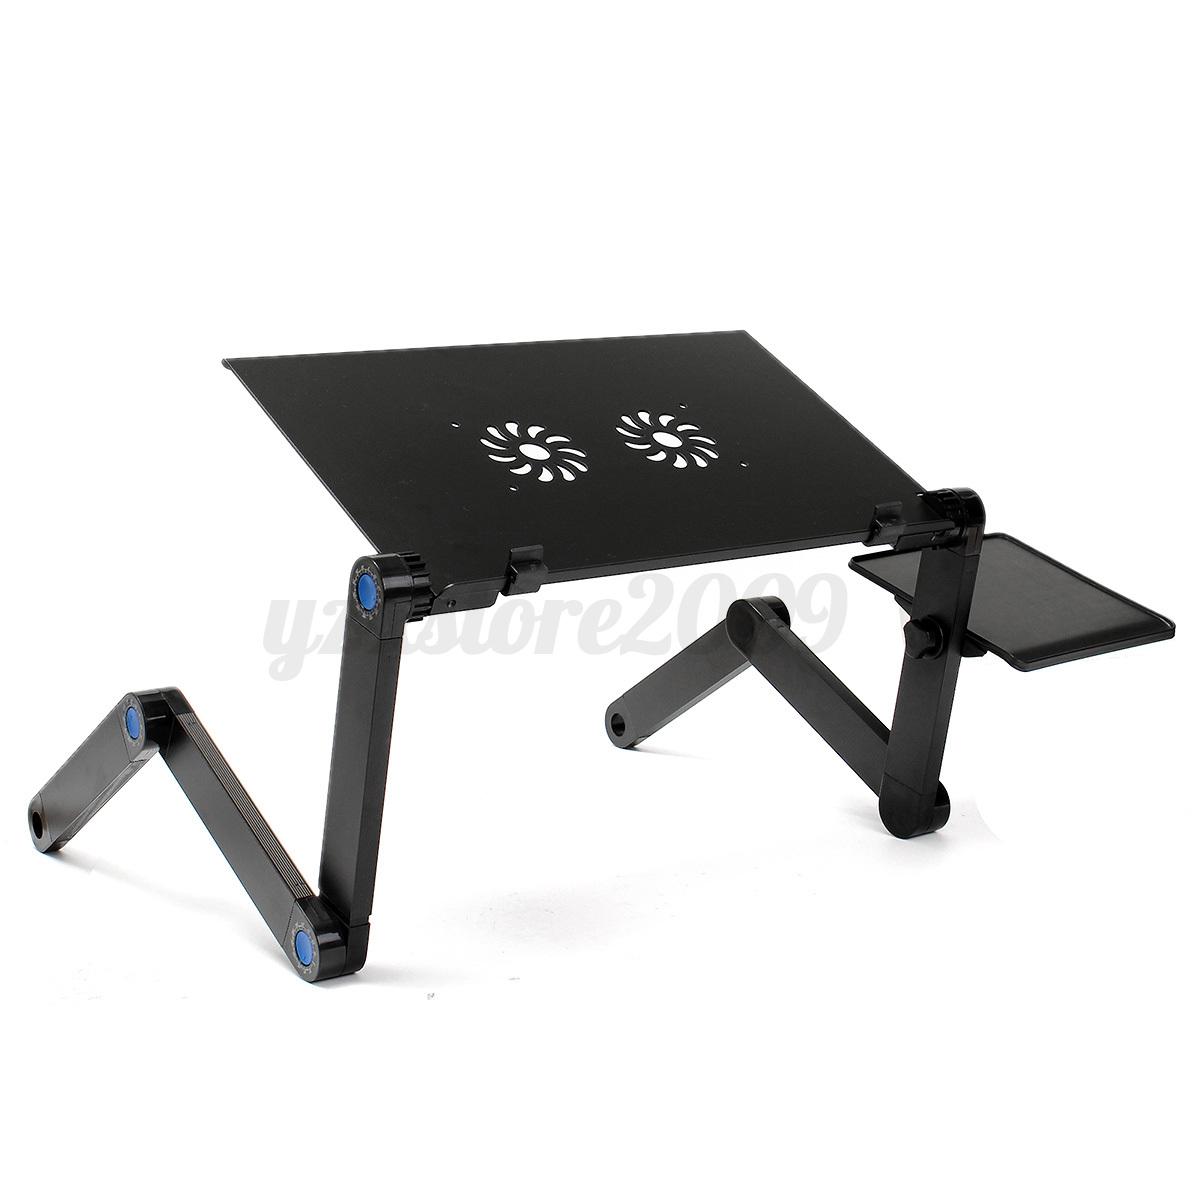 table pliante pour ordinateur portable 28 images. Black Bedroom Furniture Sets. Home Design Ideas